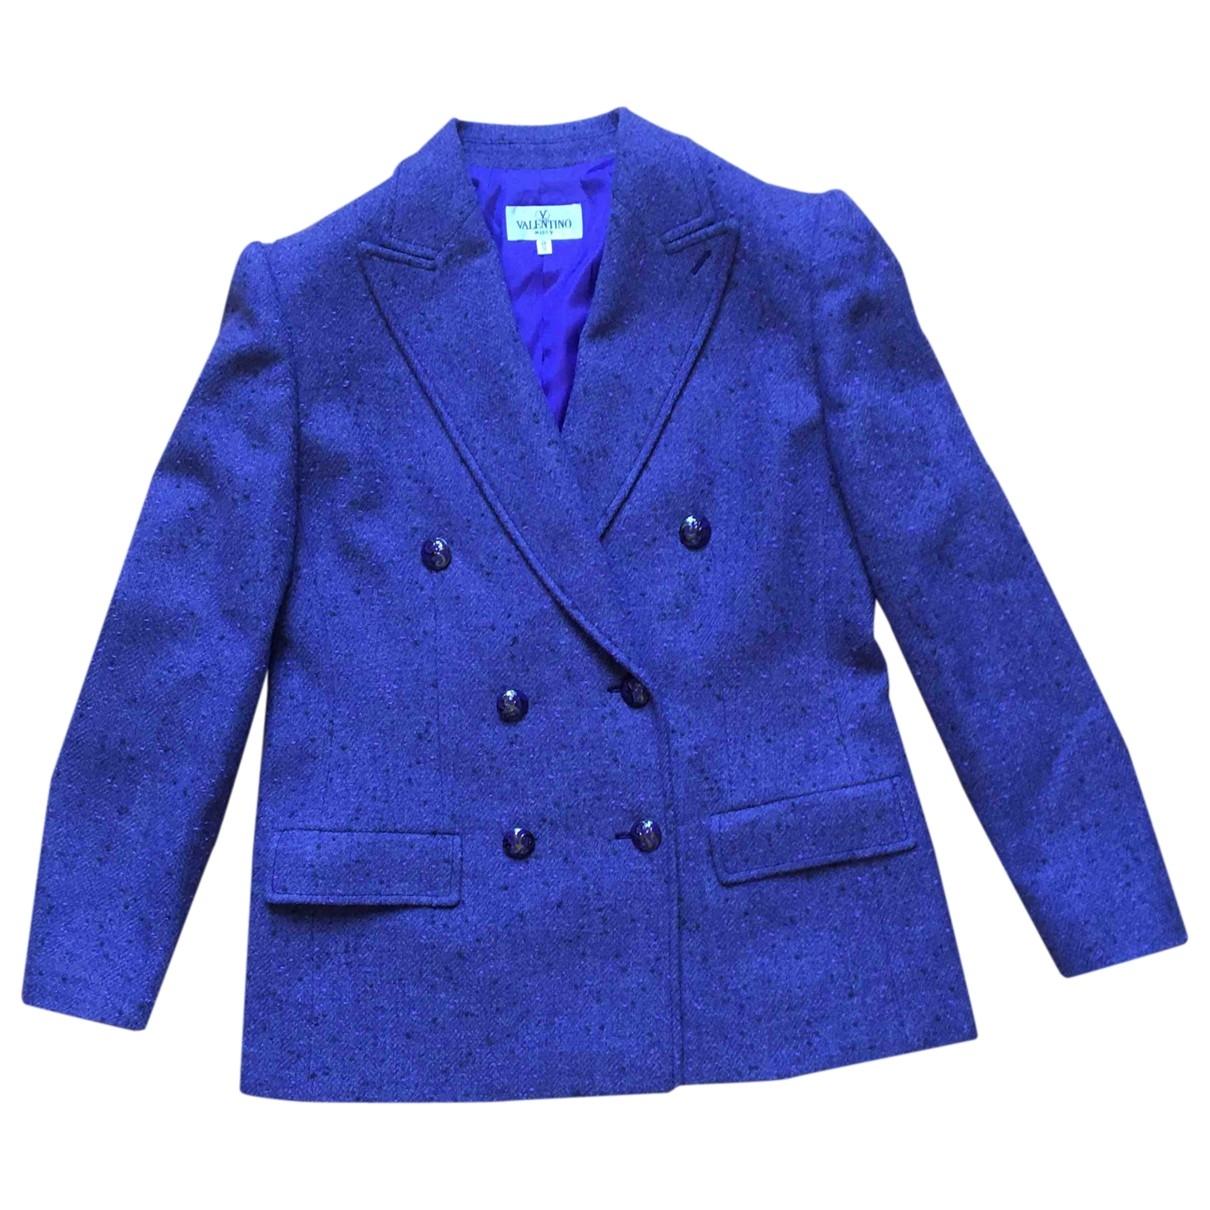 Valentino Garavani \N Purple Wool jacket for Women 48 IT